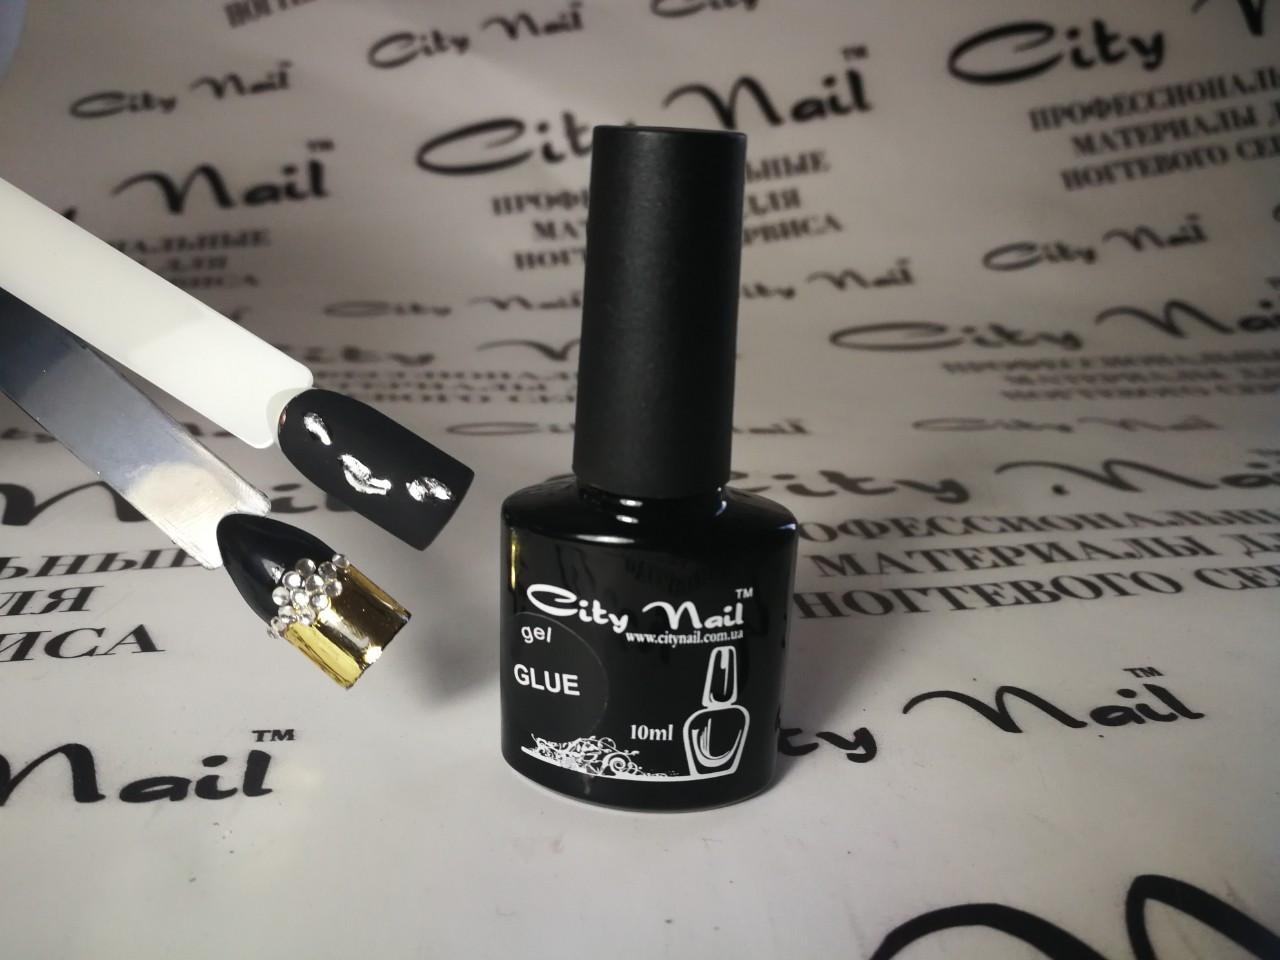 Клей - гель для фольги і страз на нігті ( Клей для фольги нігтів )